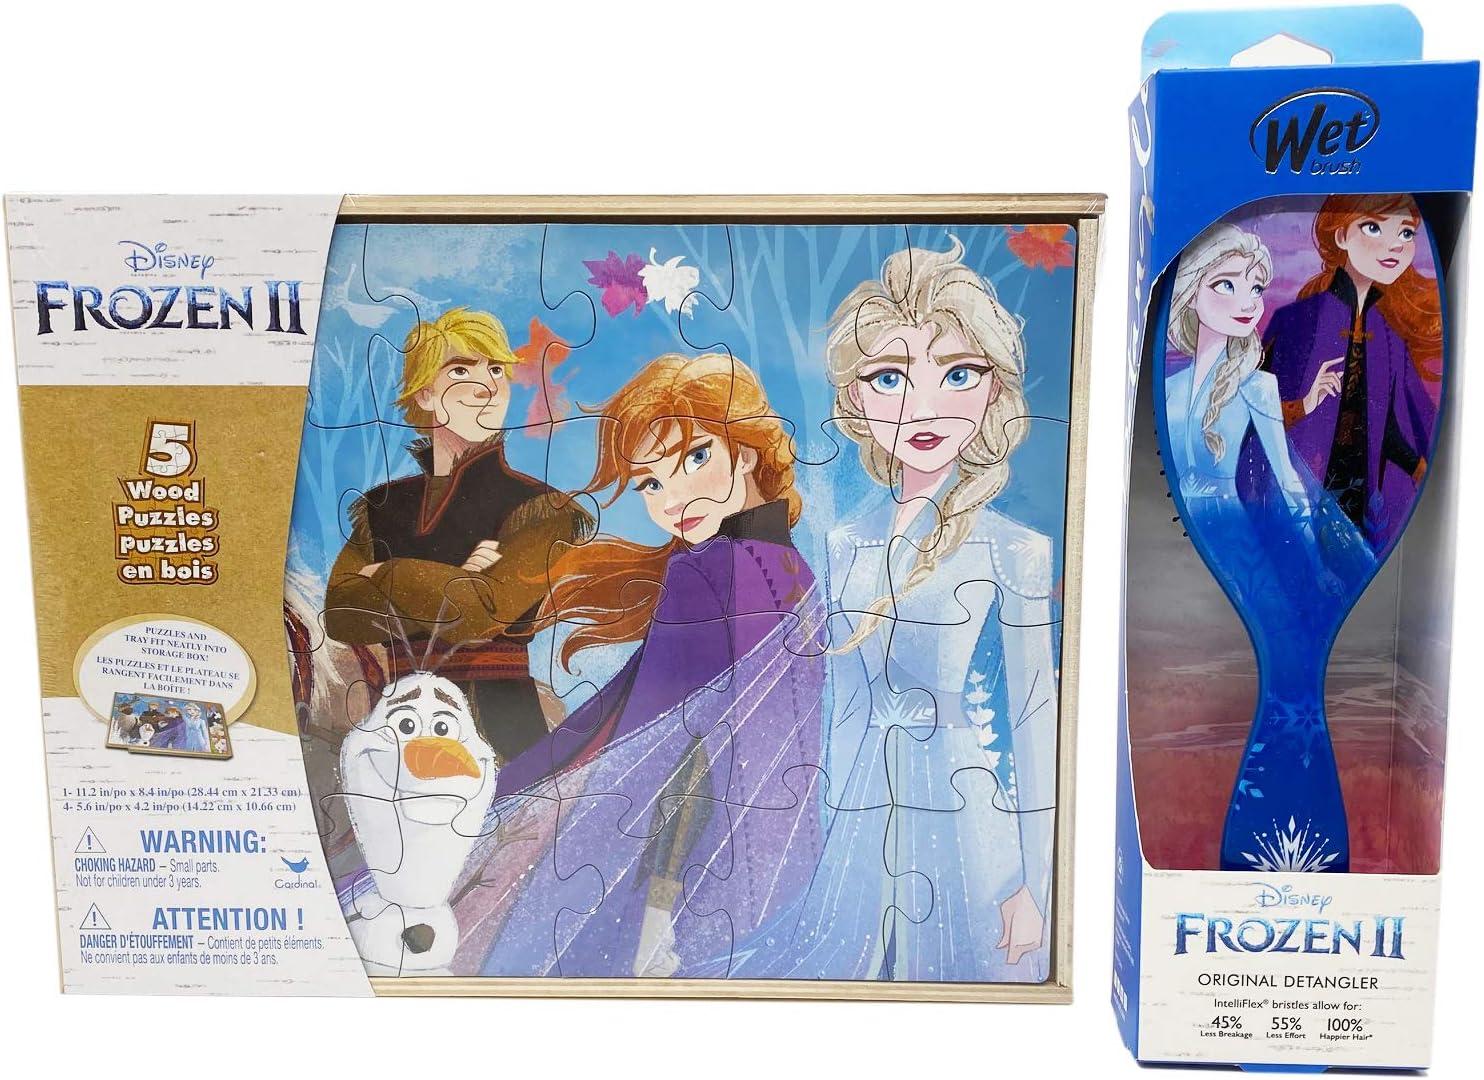 Disney Frozen 2 Puzzle /& Wet Brush Detangler Bundle Anna /& Elsa Puzzles for Kids Ages 3-5 5 Wood Puzzles in Storage Box /& Disney Wet Brush Original Detangler